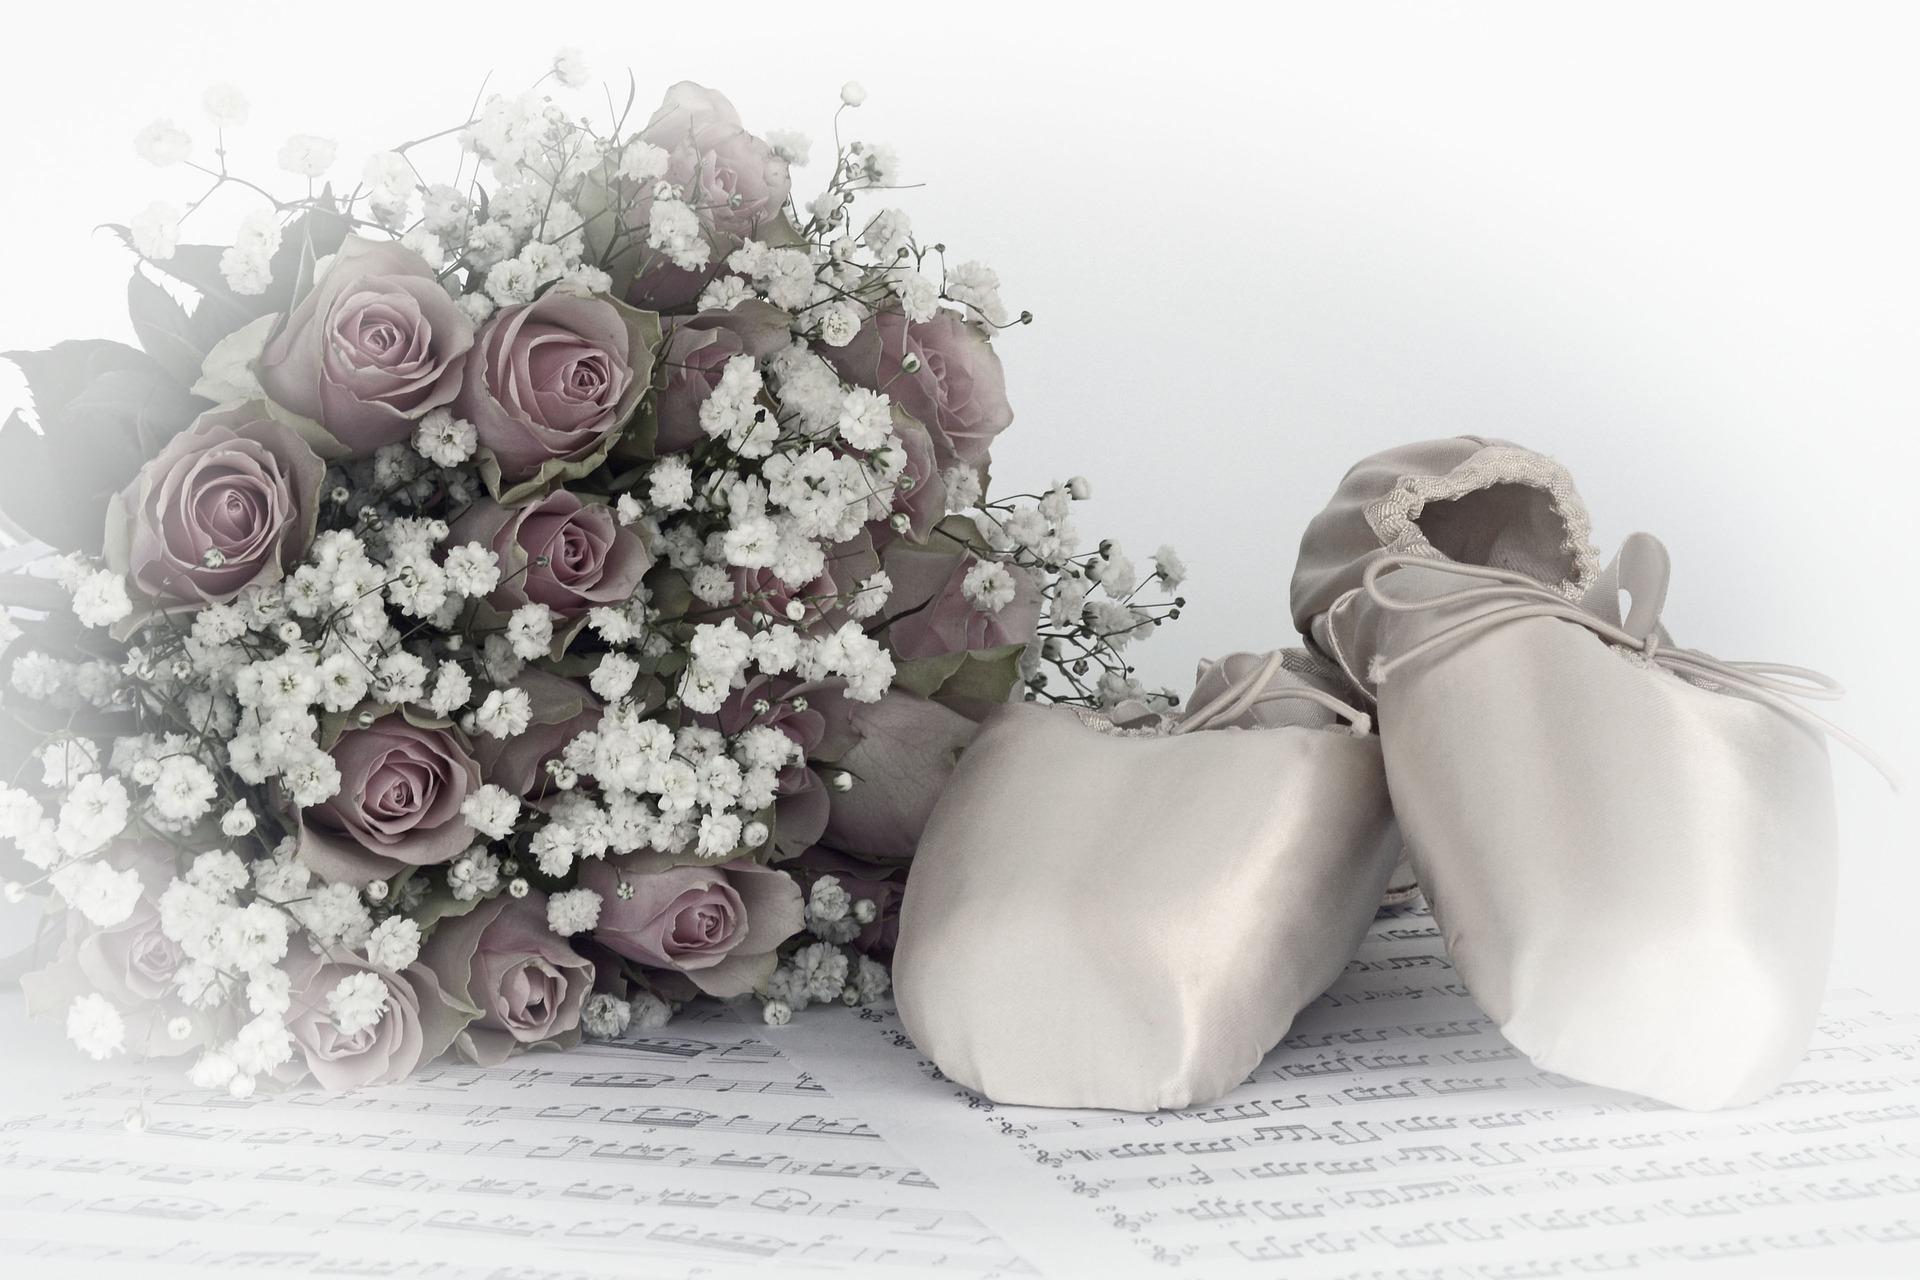 ballet-shoes-2326988_1920